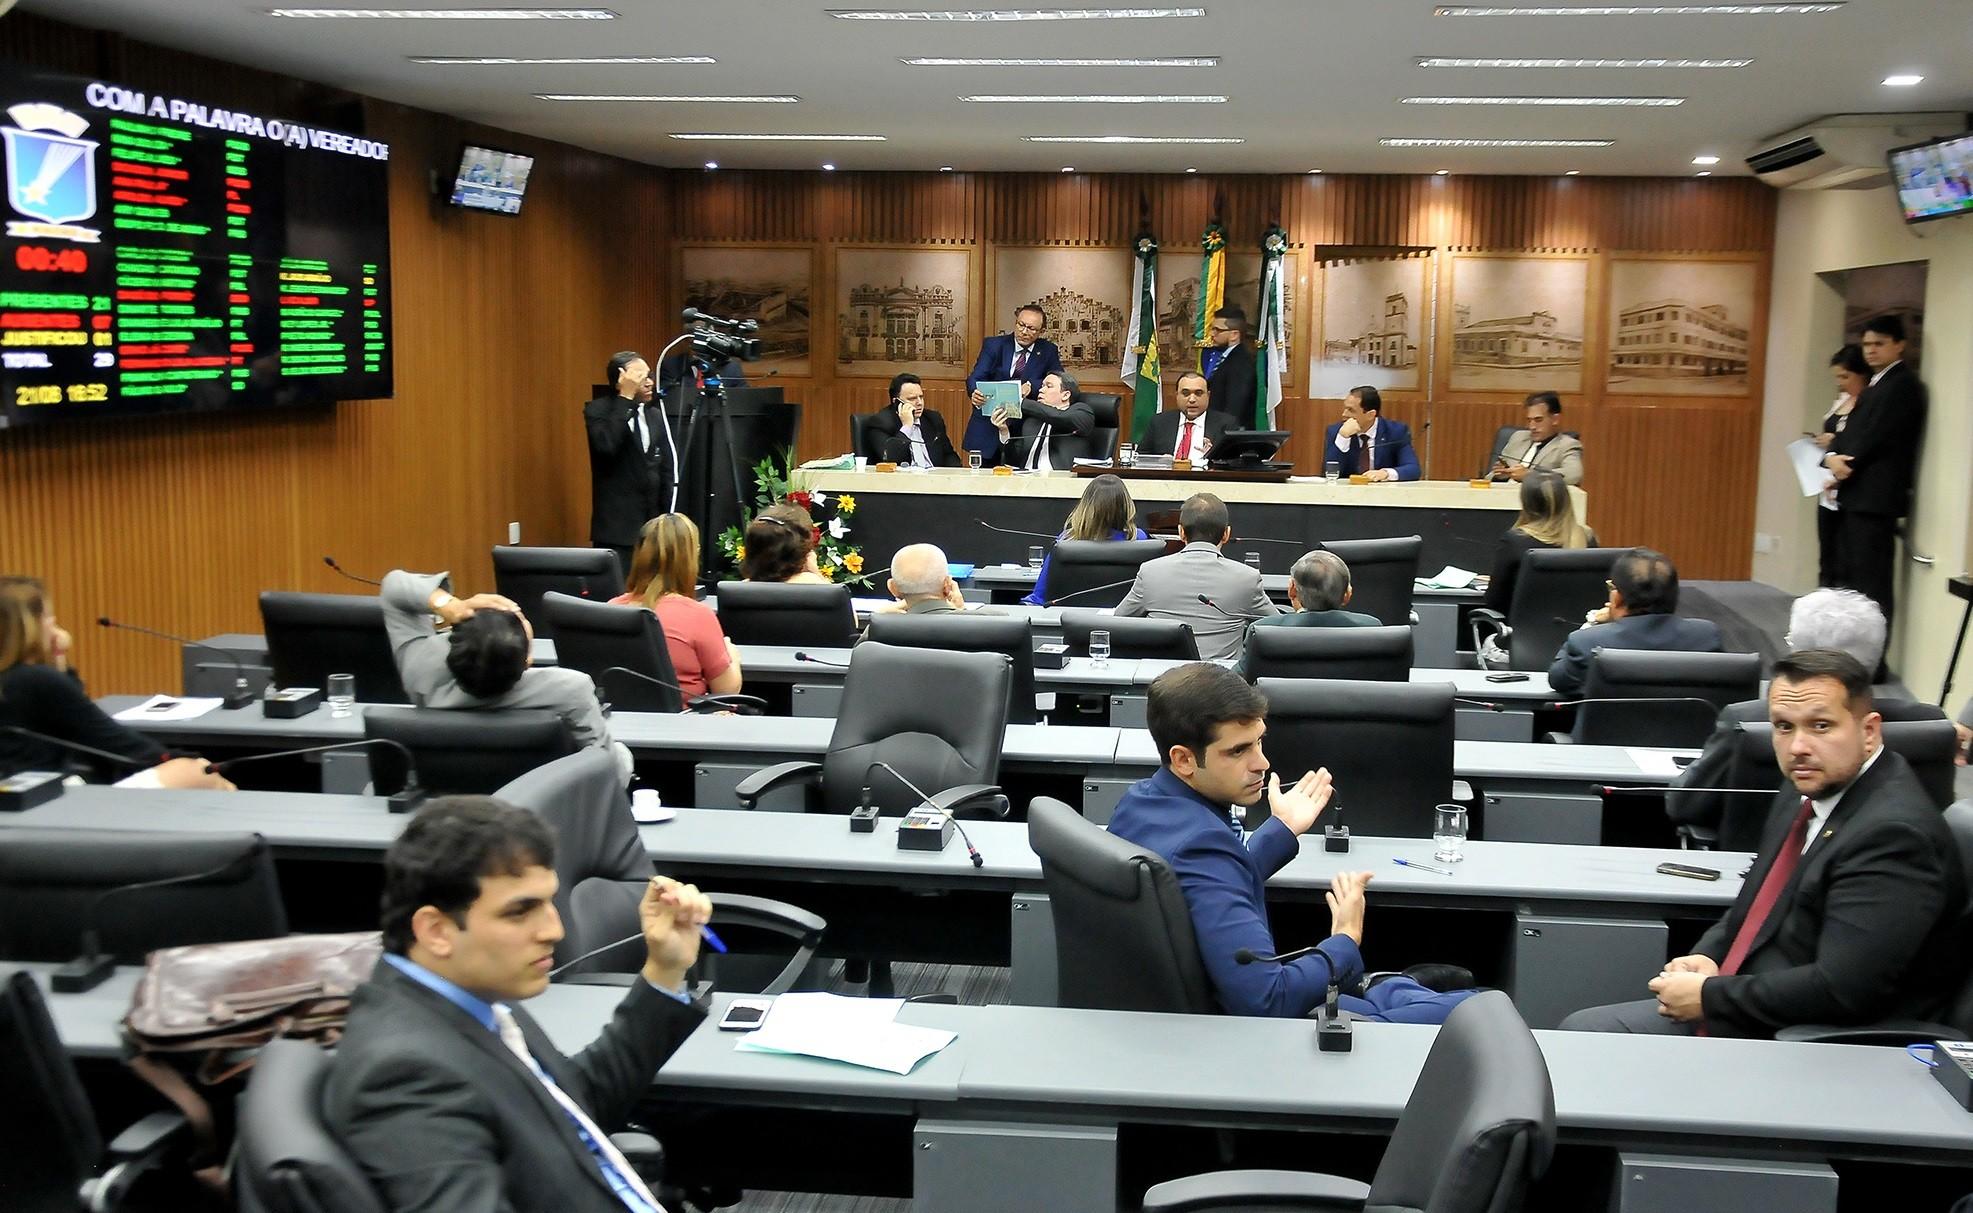 Servidores do município de Natal que tenham filho com deficiência terão jornada reduzida - Notícias - Plantão Diário